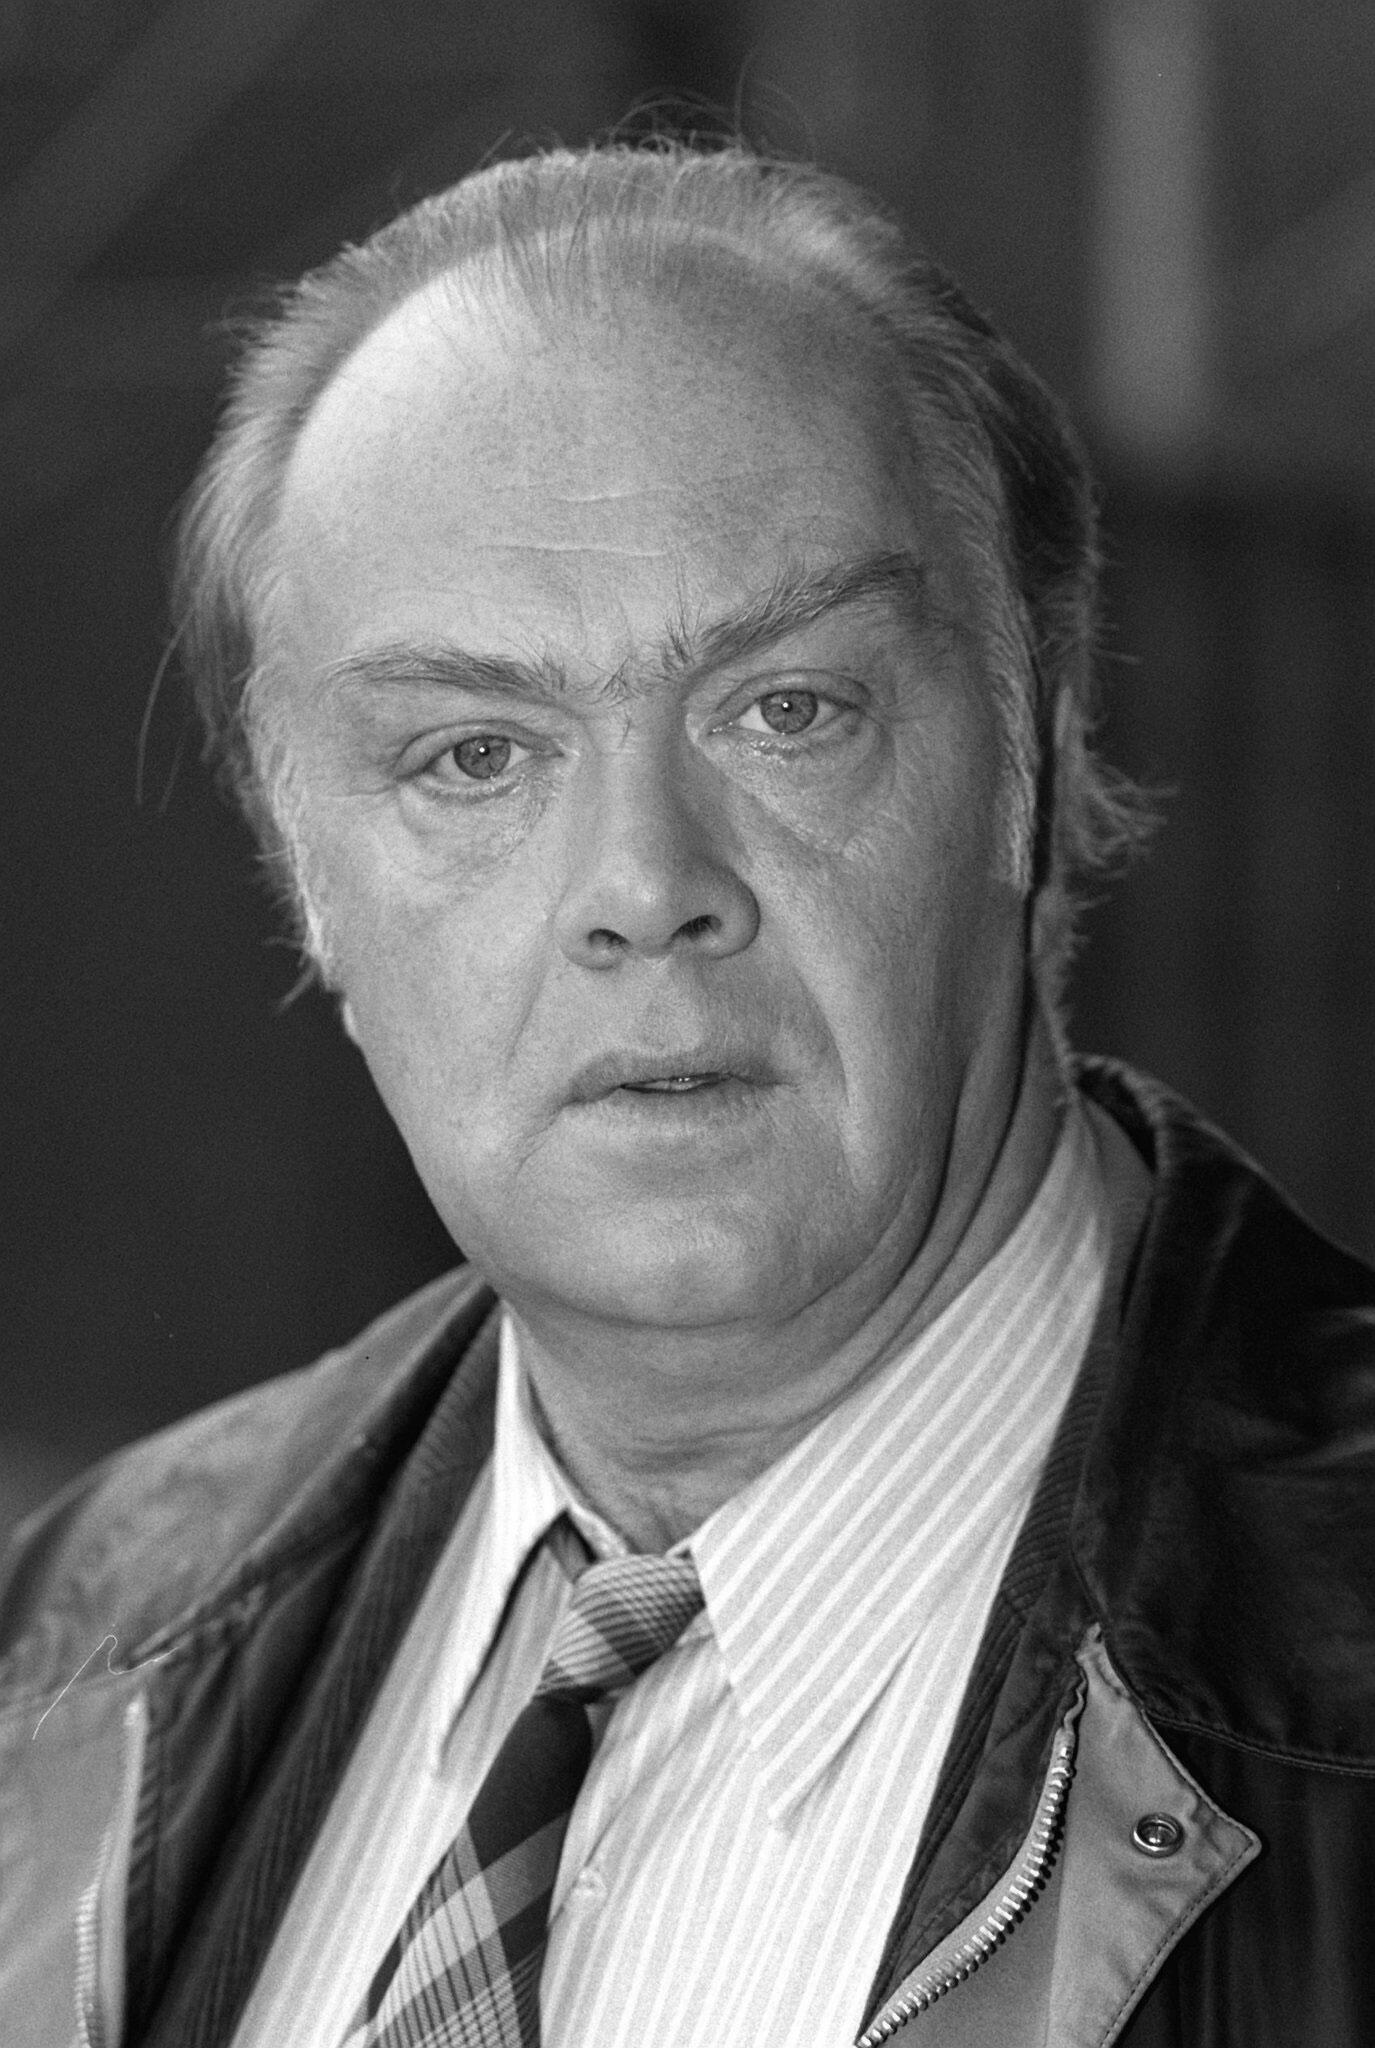 Bild zu Schauspieler Martin Lüttge gestorben